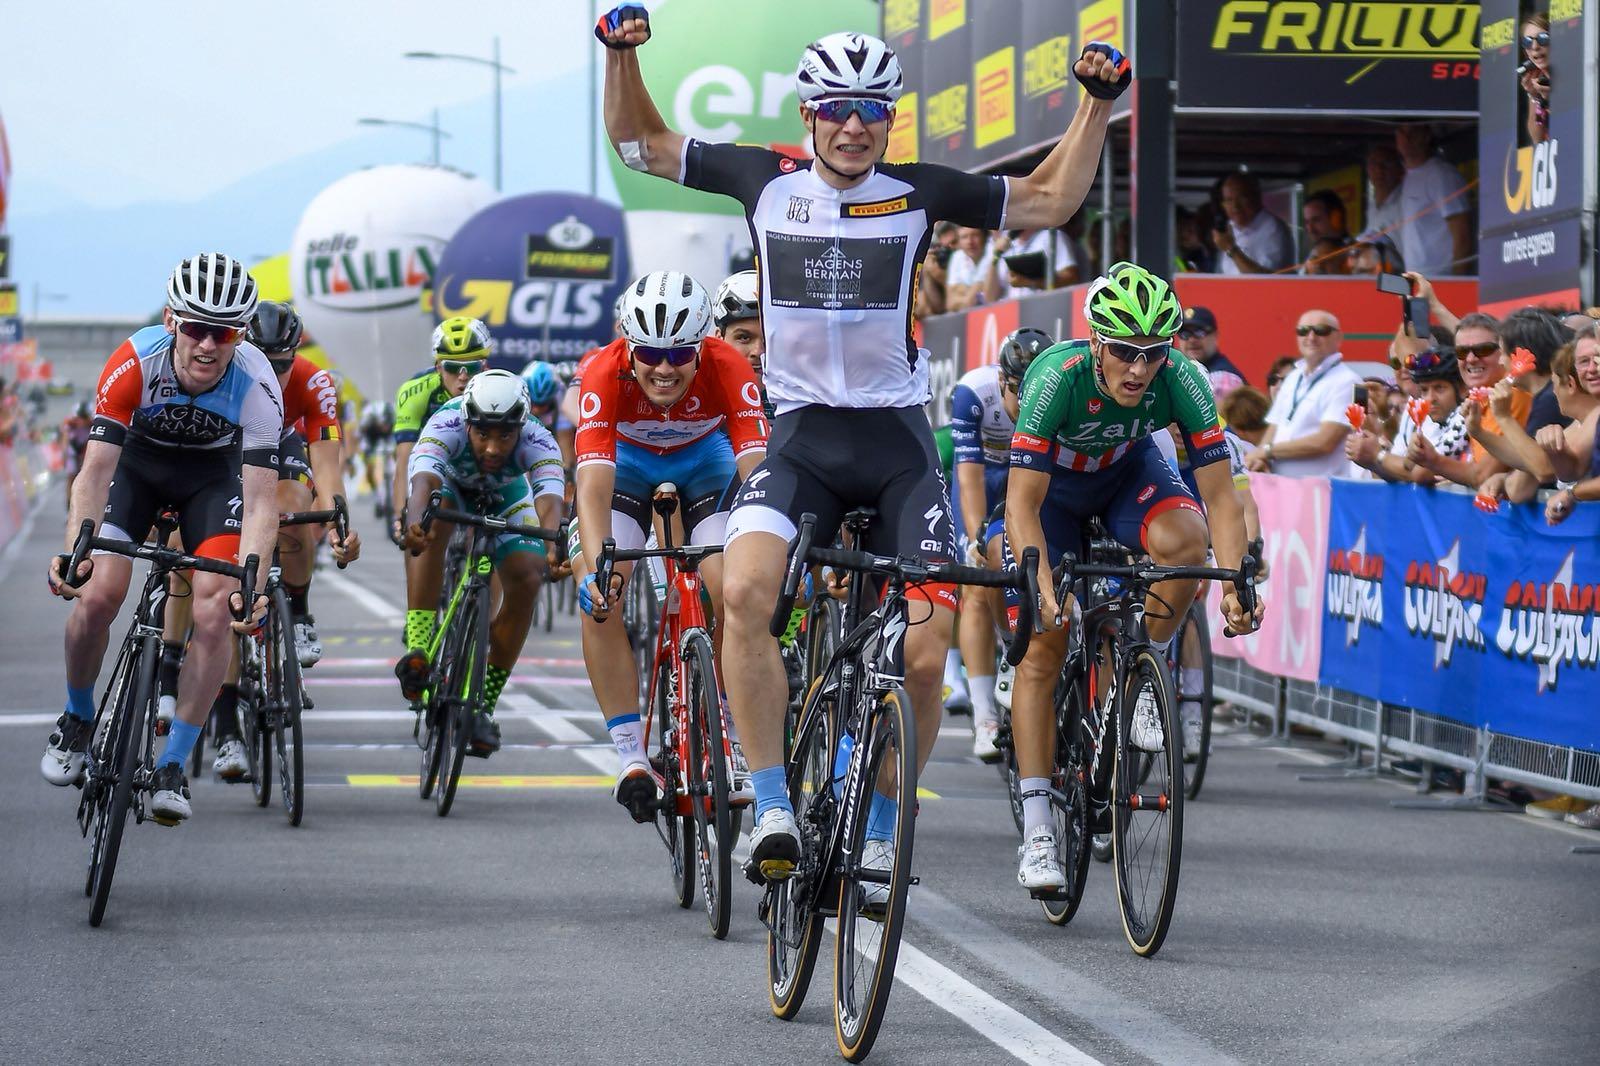 Jasper Philipsen vince la terza tappa del Giro d'Italia Under 23 2018 a Mornico